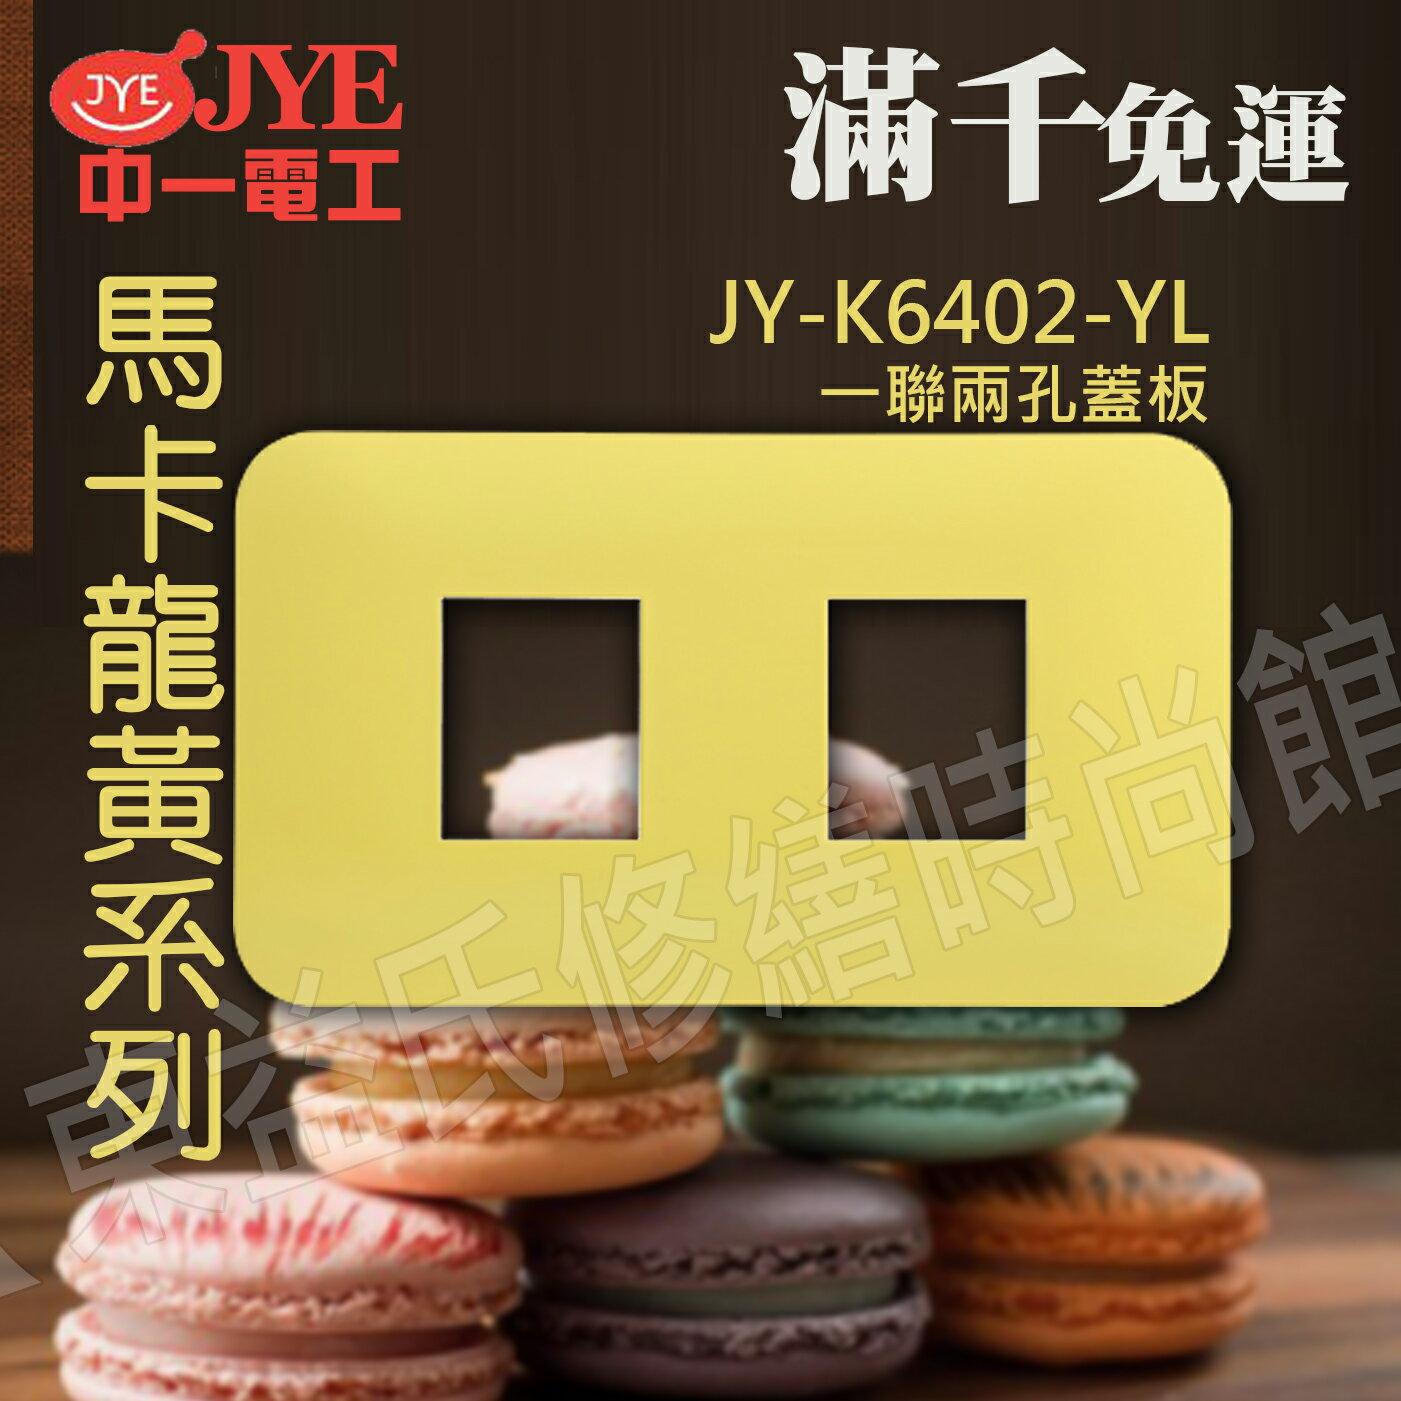 【東益氏】中一電工時尚系列-馬卡龍黃-JY-K6402-YL 一聯兩孔蓋板 另售Panasonic GLATIMA全系列 星光全系列 開關 插座 蓋板